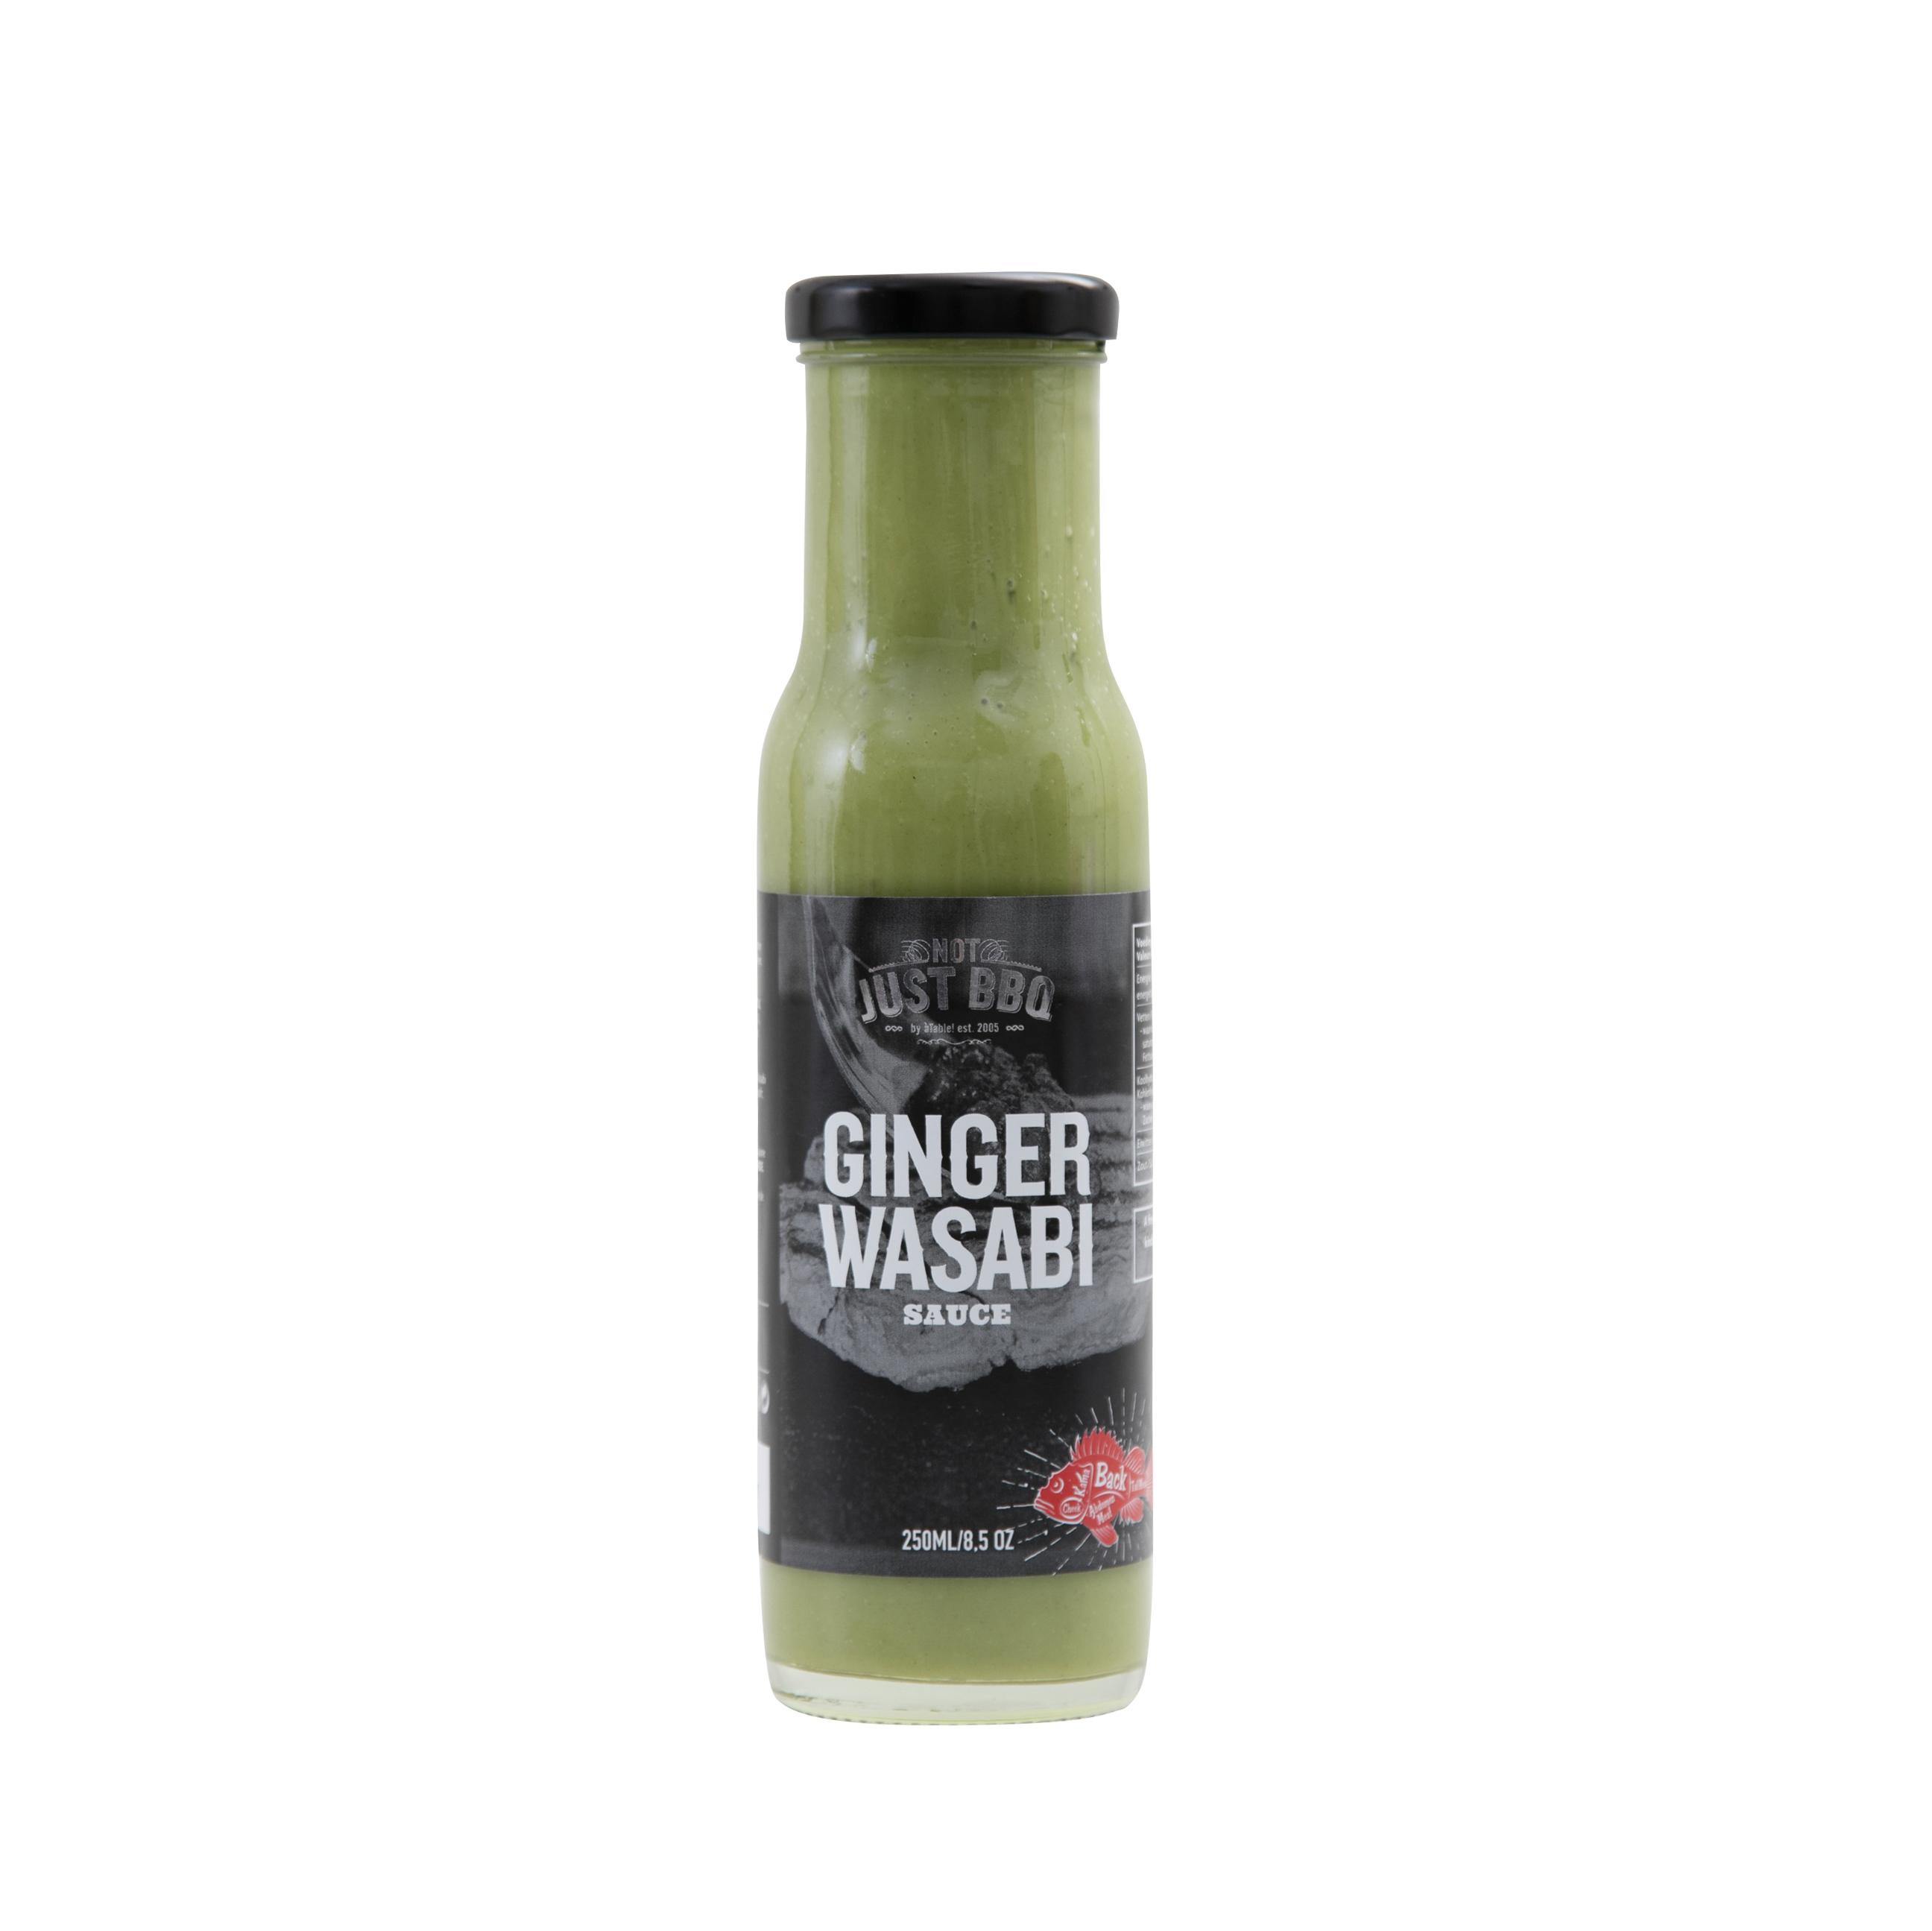 Ginger wasabi Sauce 250ml